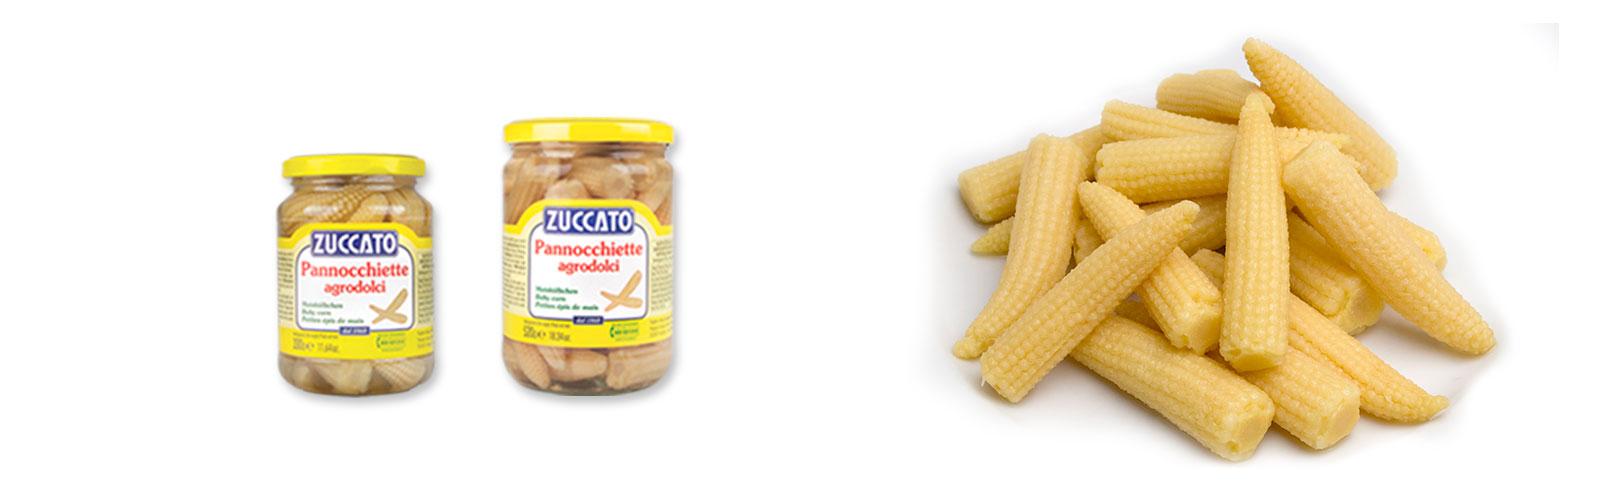 Pannocchiette - Barattolo - Zuccato